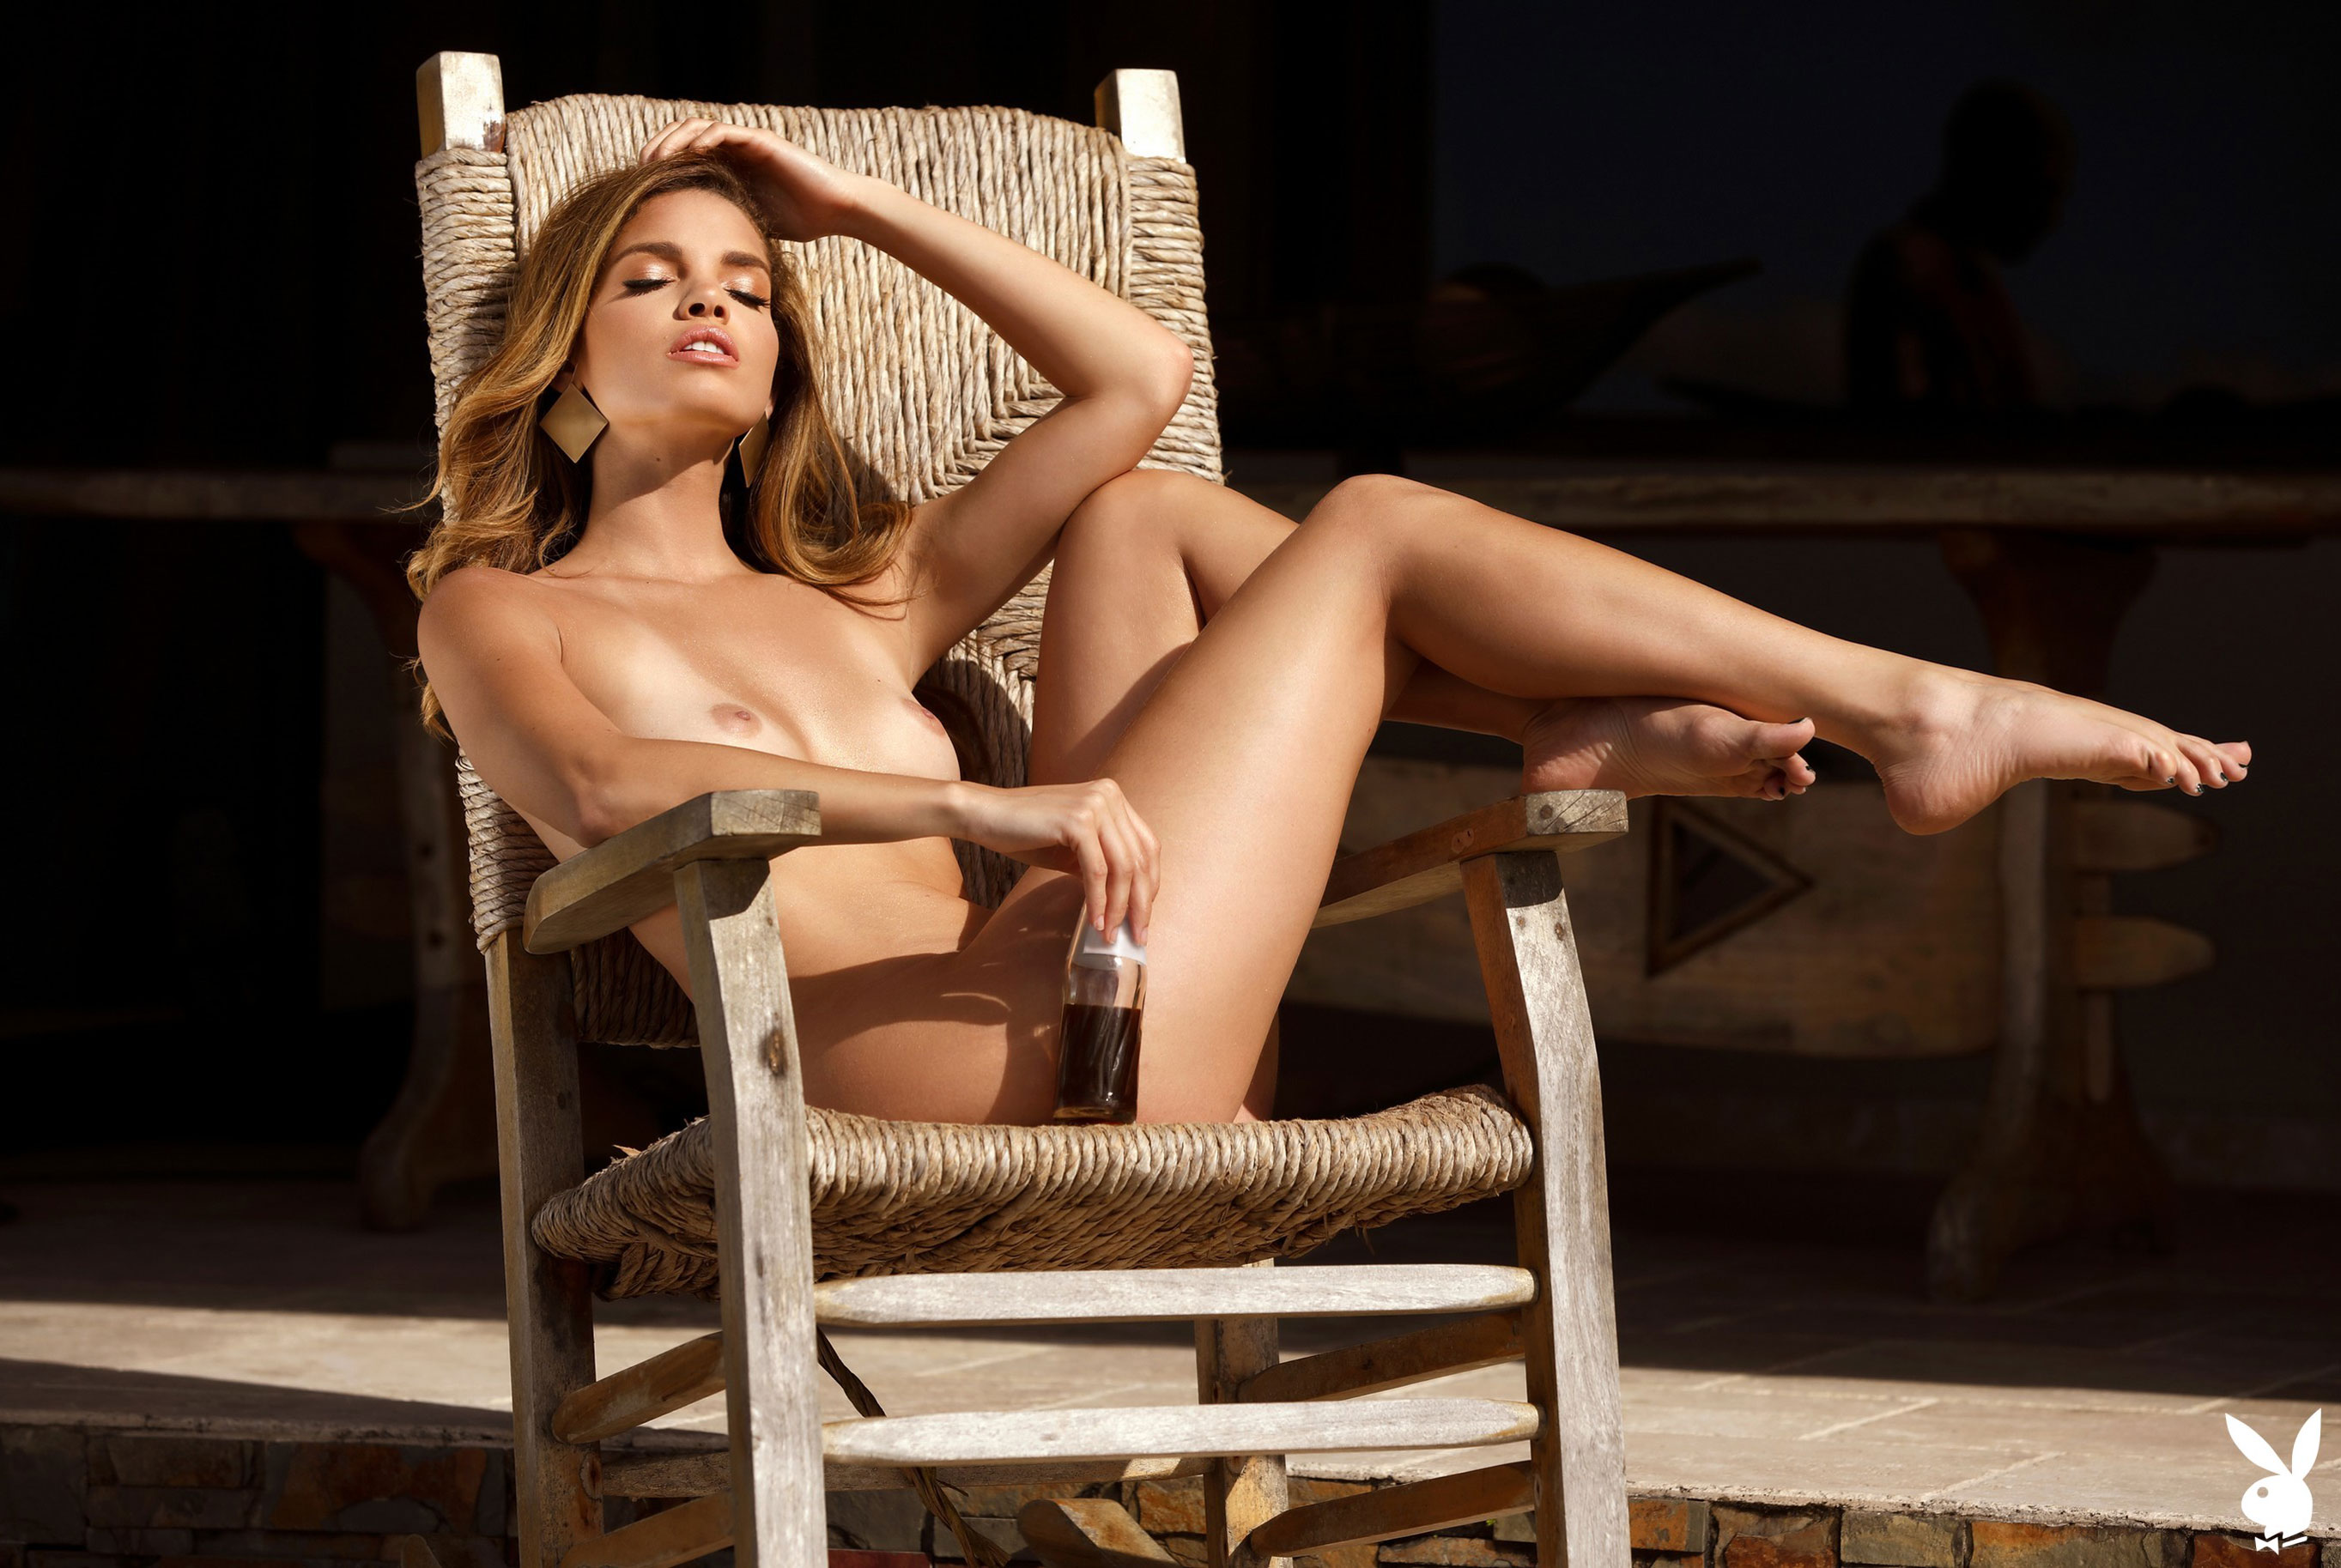 Мисс Июнь 2019 американского Playboy Йоли Лара / фото 36